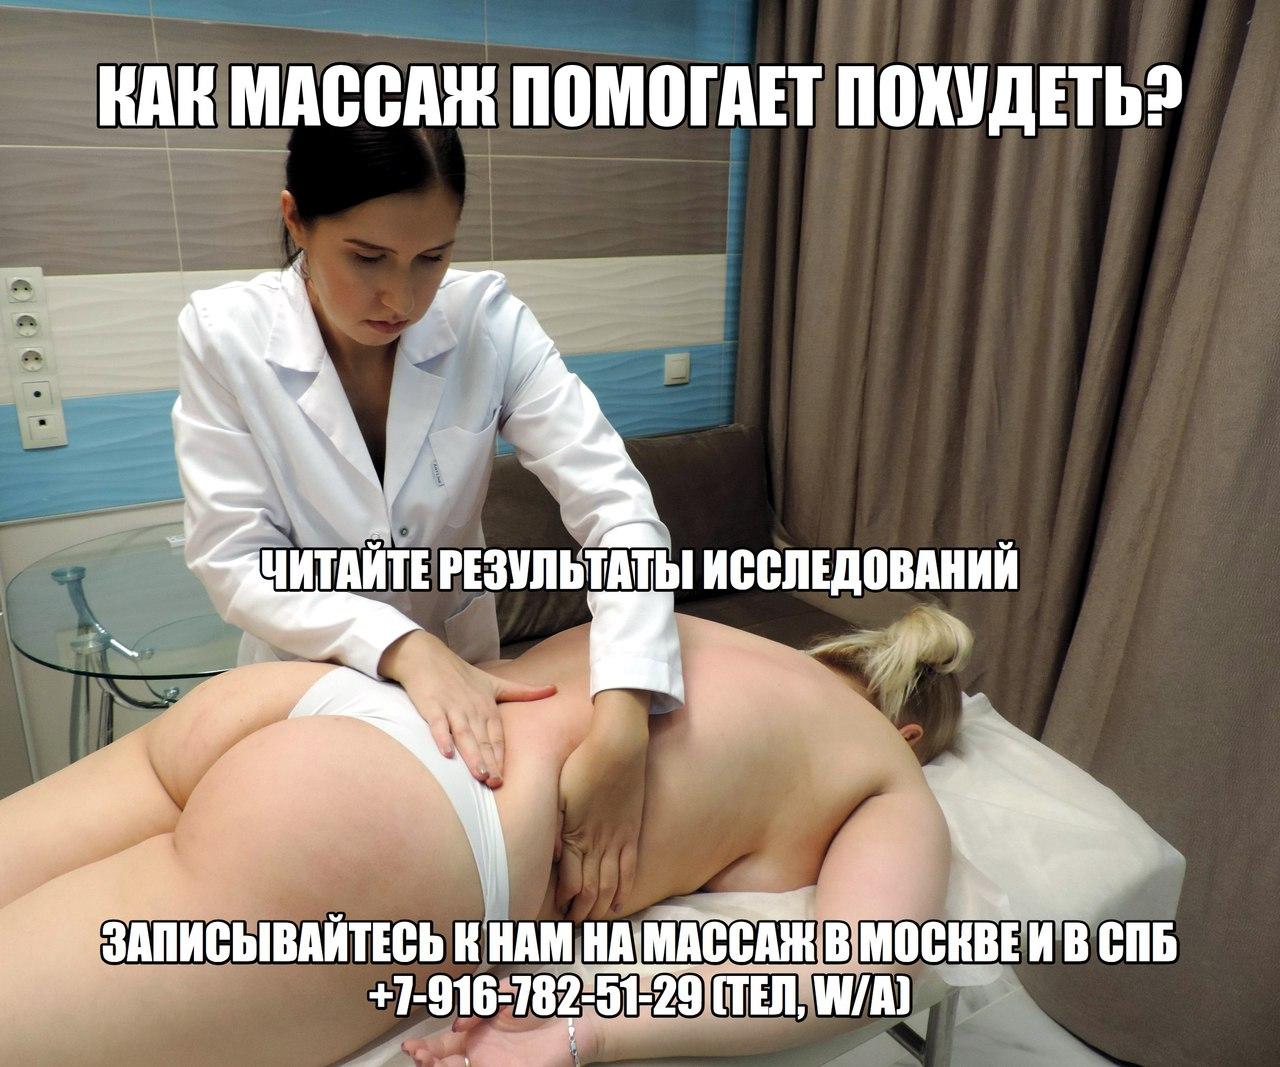 Смотреть порно ролики две молоденькие девушки пришли на масленный массаж